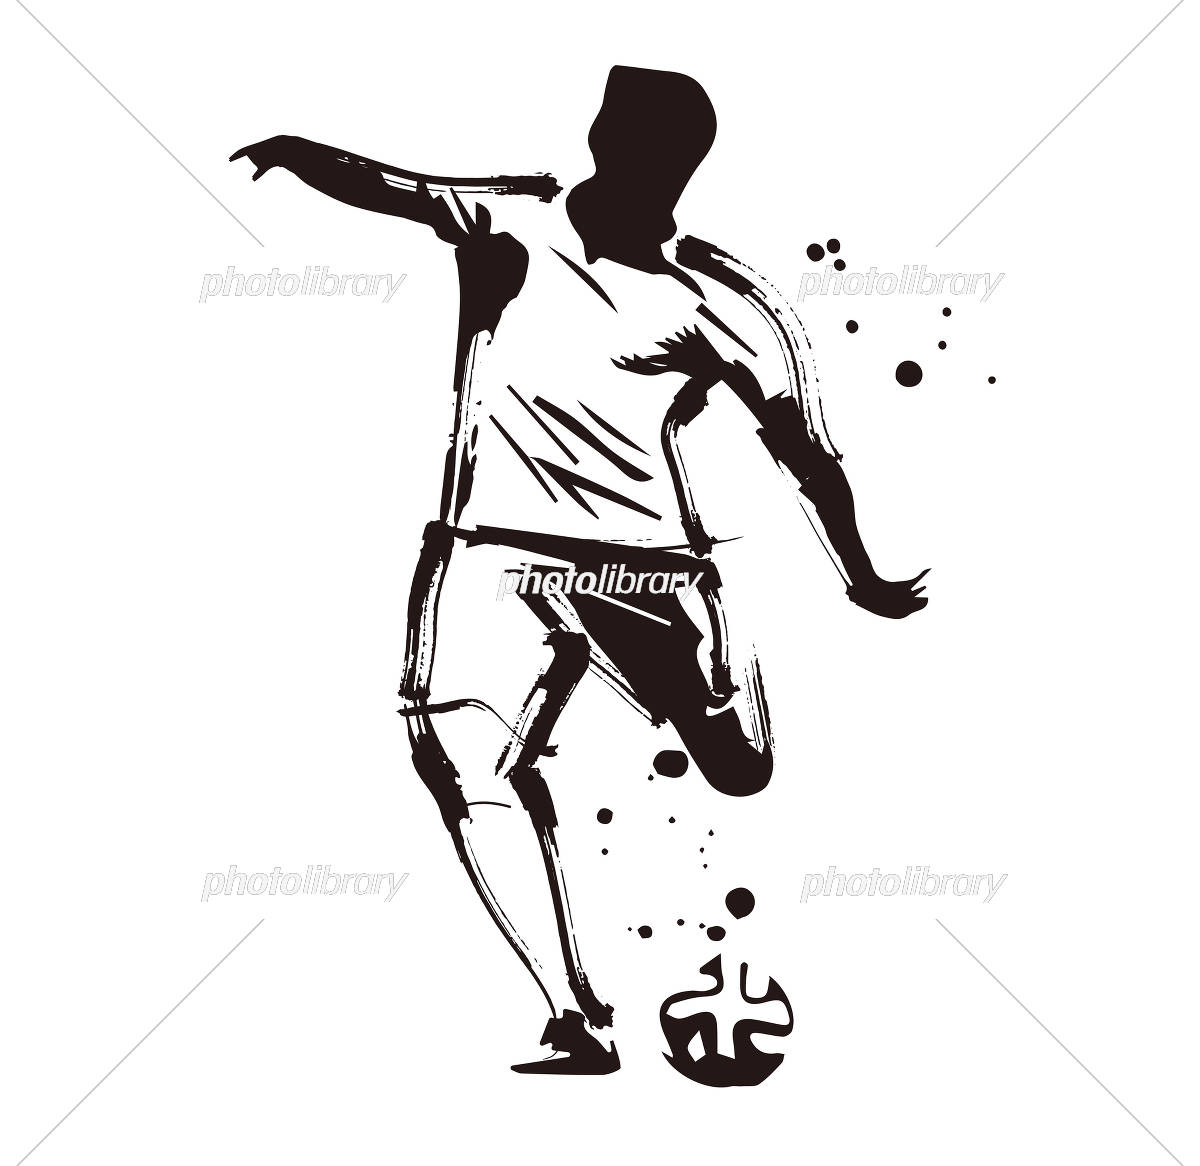 サッカー イラスト素材 5557559 フォトライブラリー Photolibrary